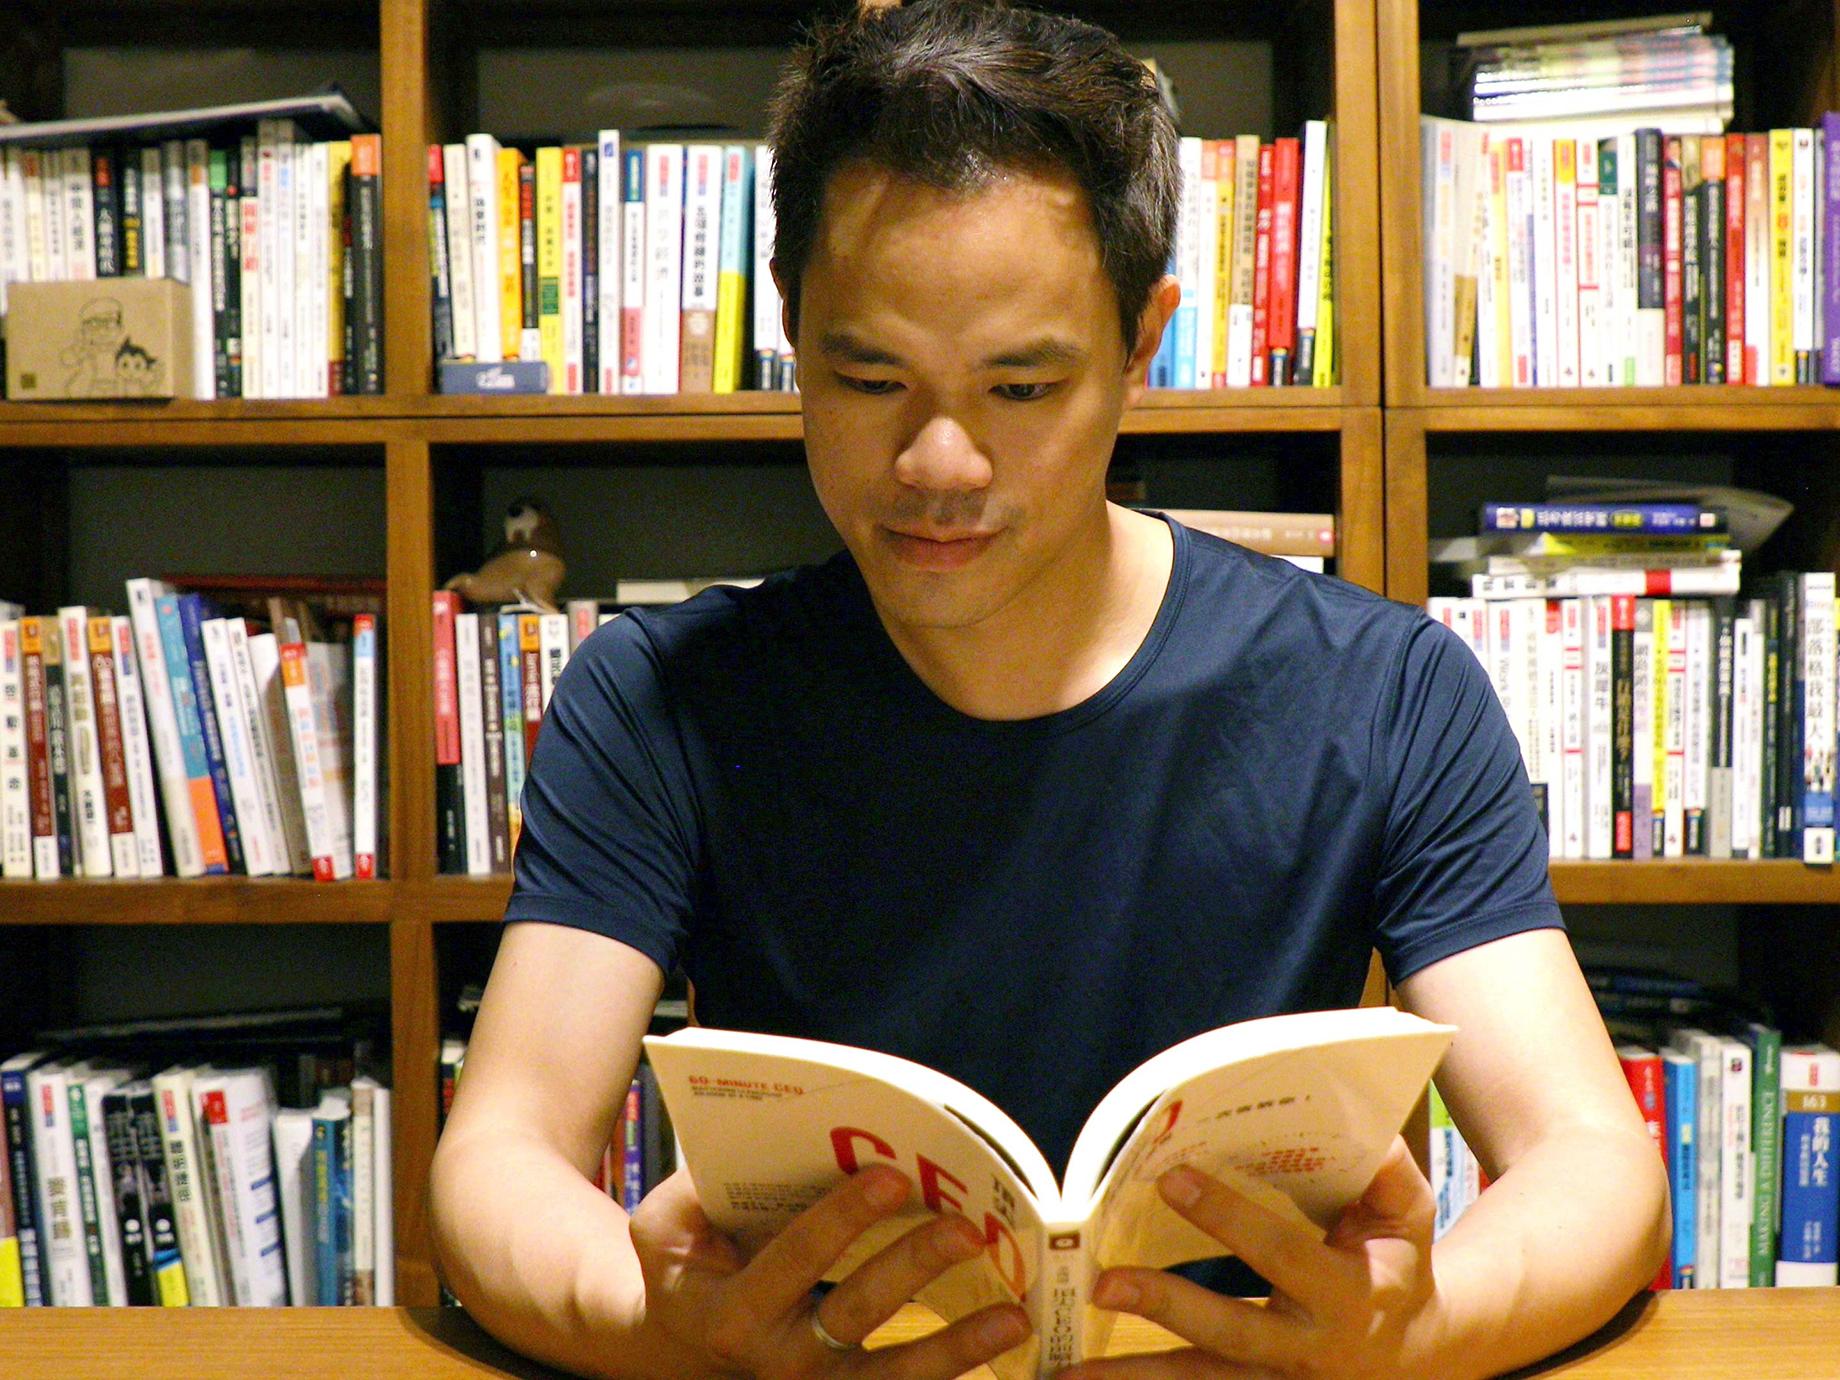 【三月主題】說書、選書作為新興職業,專業說書人如何幫職場人找到知識捷徑-專訪SmartM大大學院創辦人許景泰(Jerry)